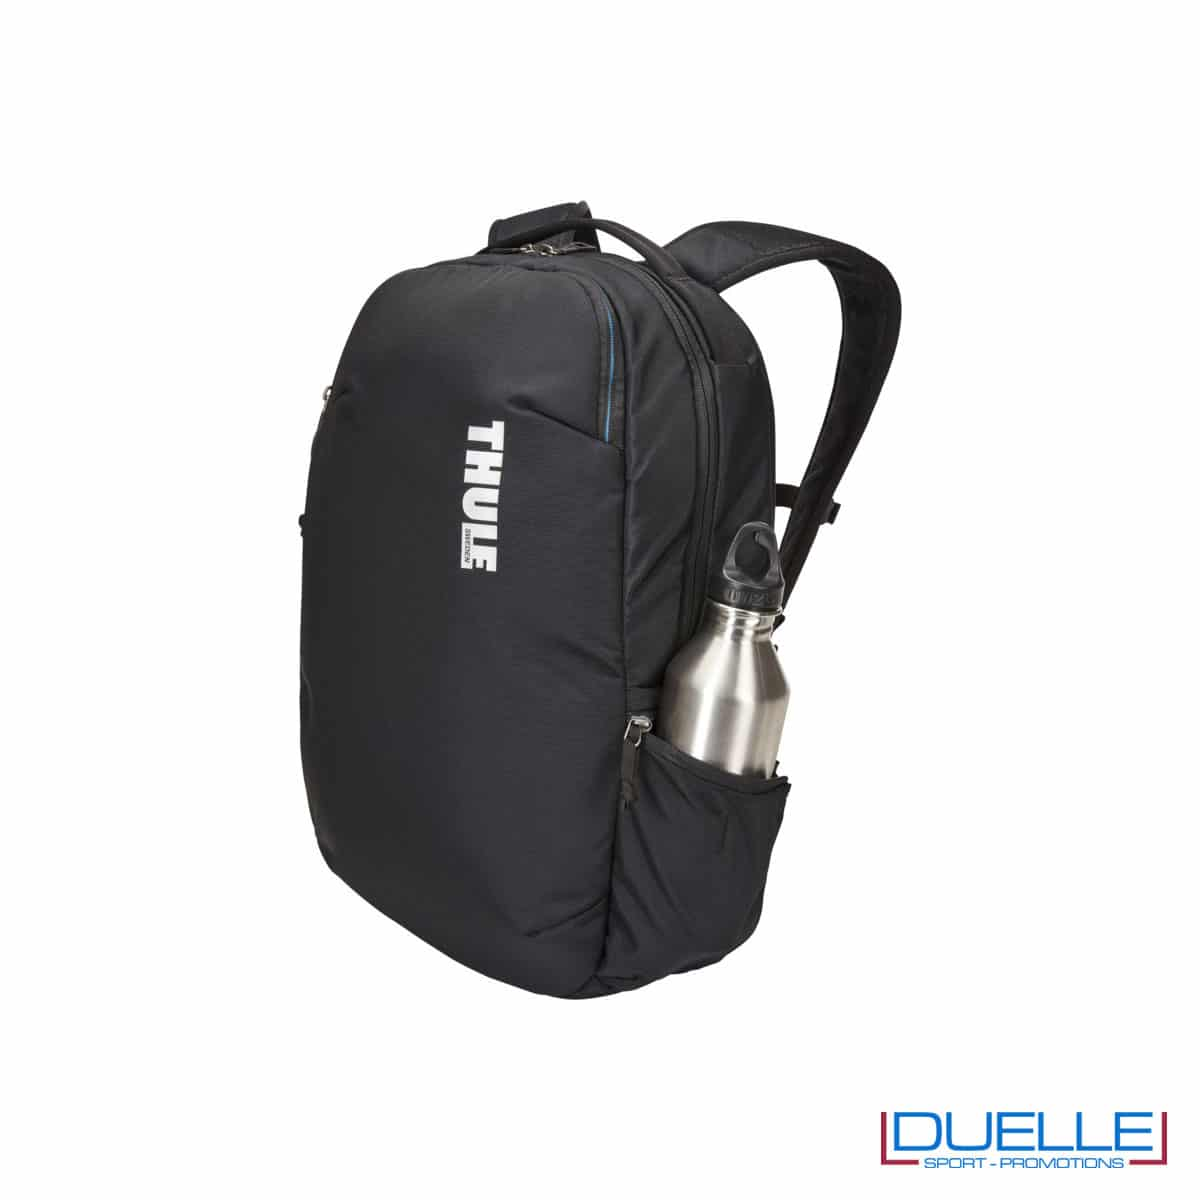 Tasca laterale per borraccia su zaino porta laptop Thule